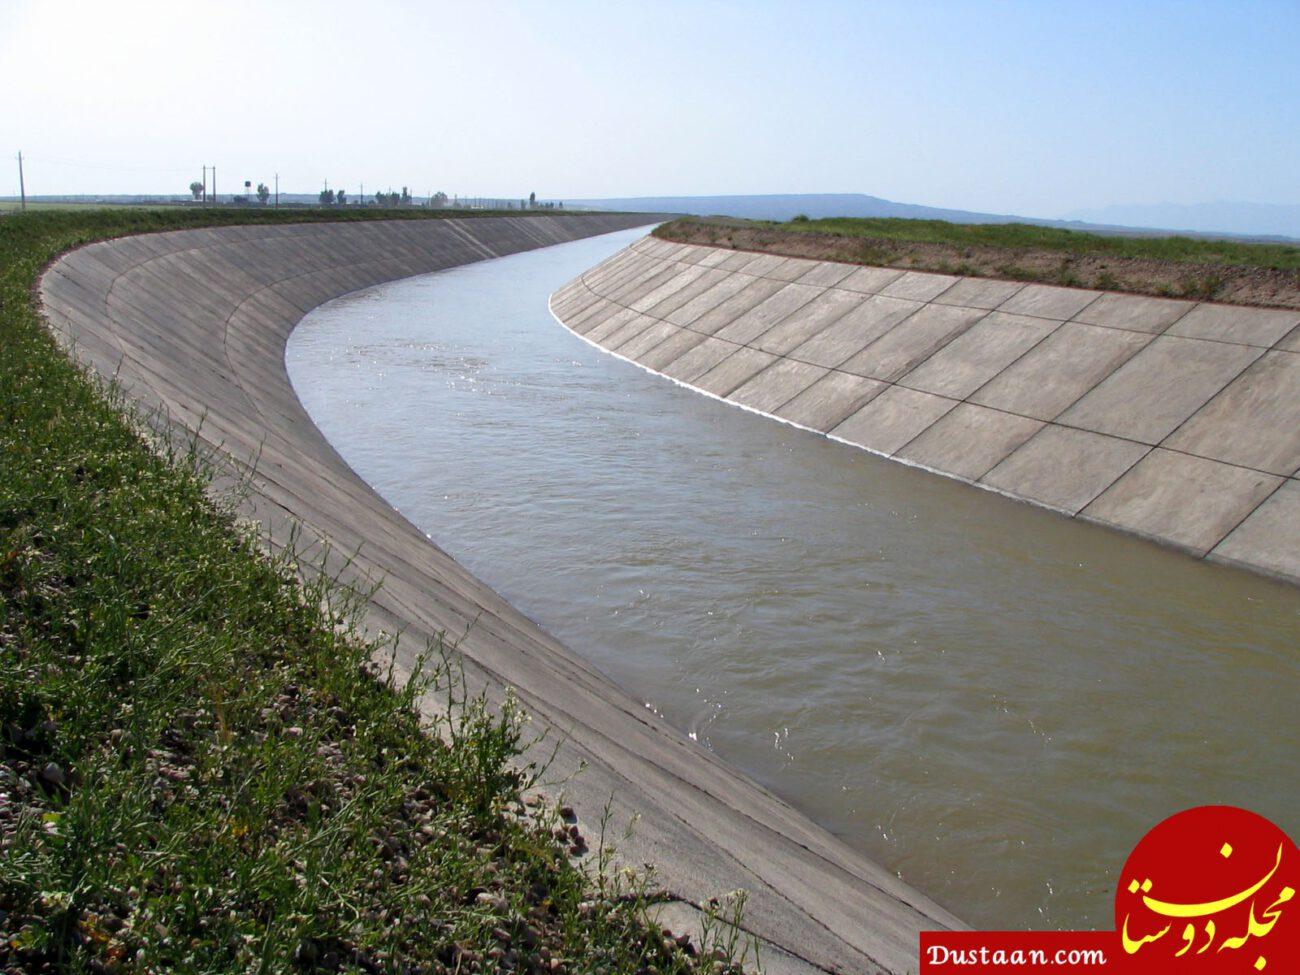 www.dustaan.com ۴ کشته در سقوط پژو به کانال آب مازندران